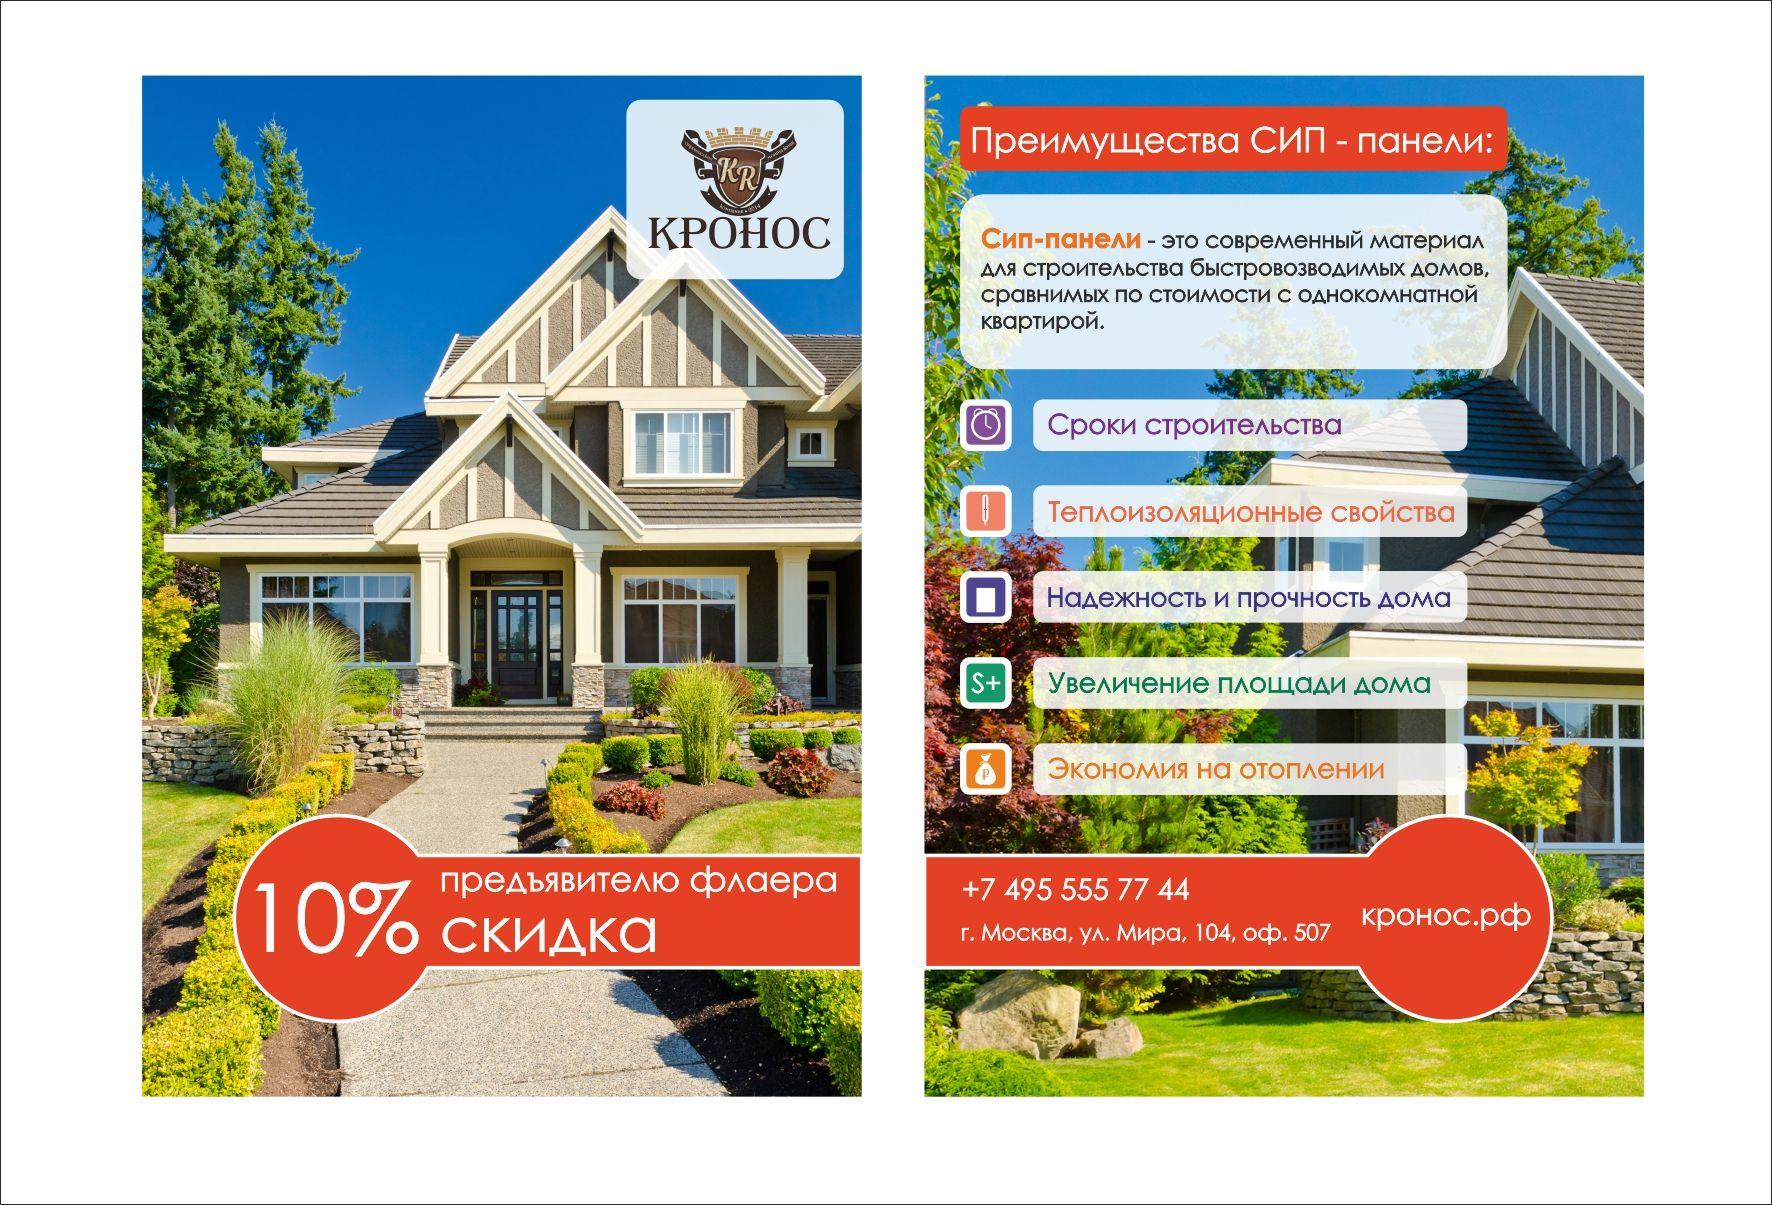 Дизайн листовки для рекламы строительной компании - дизайнер blukki